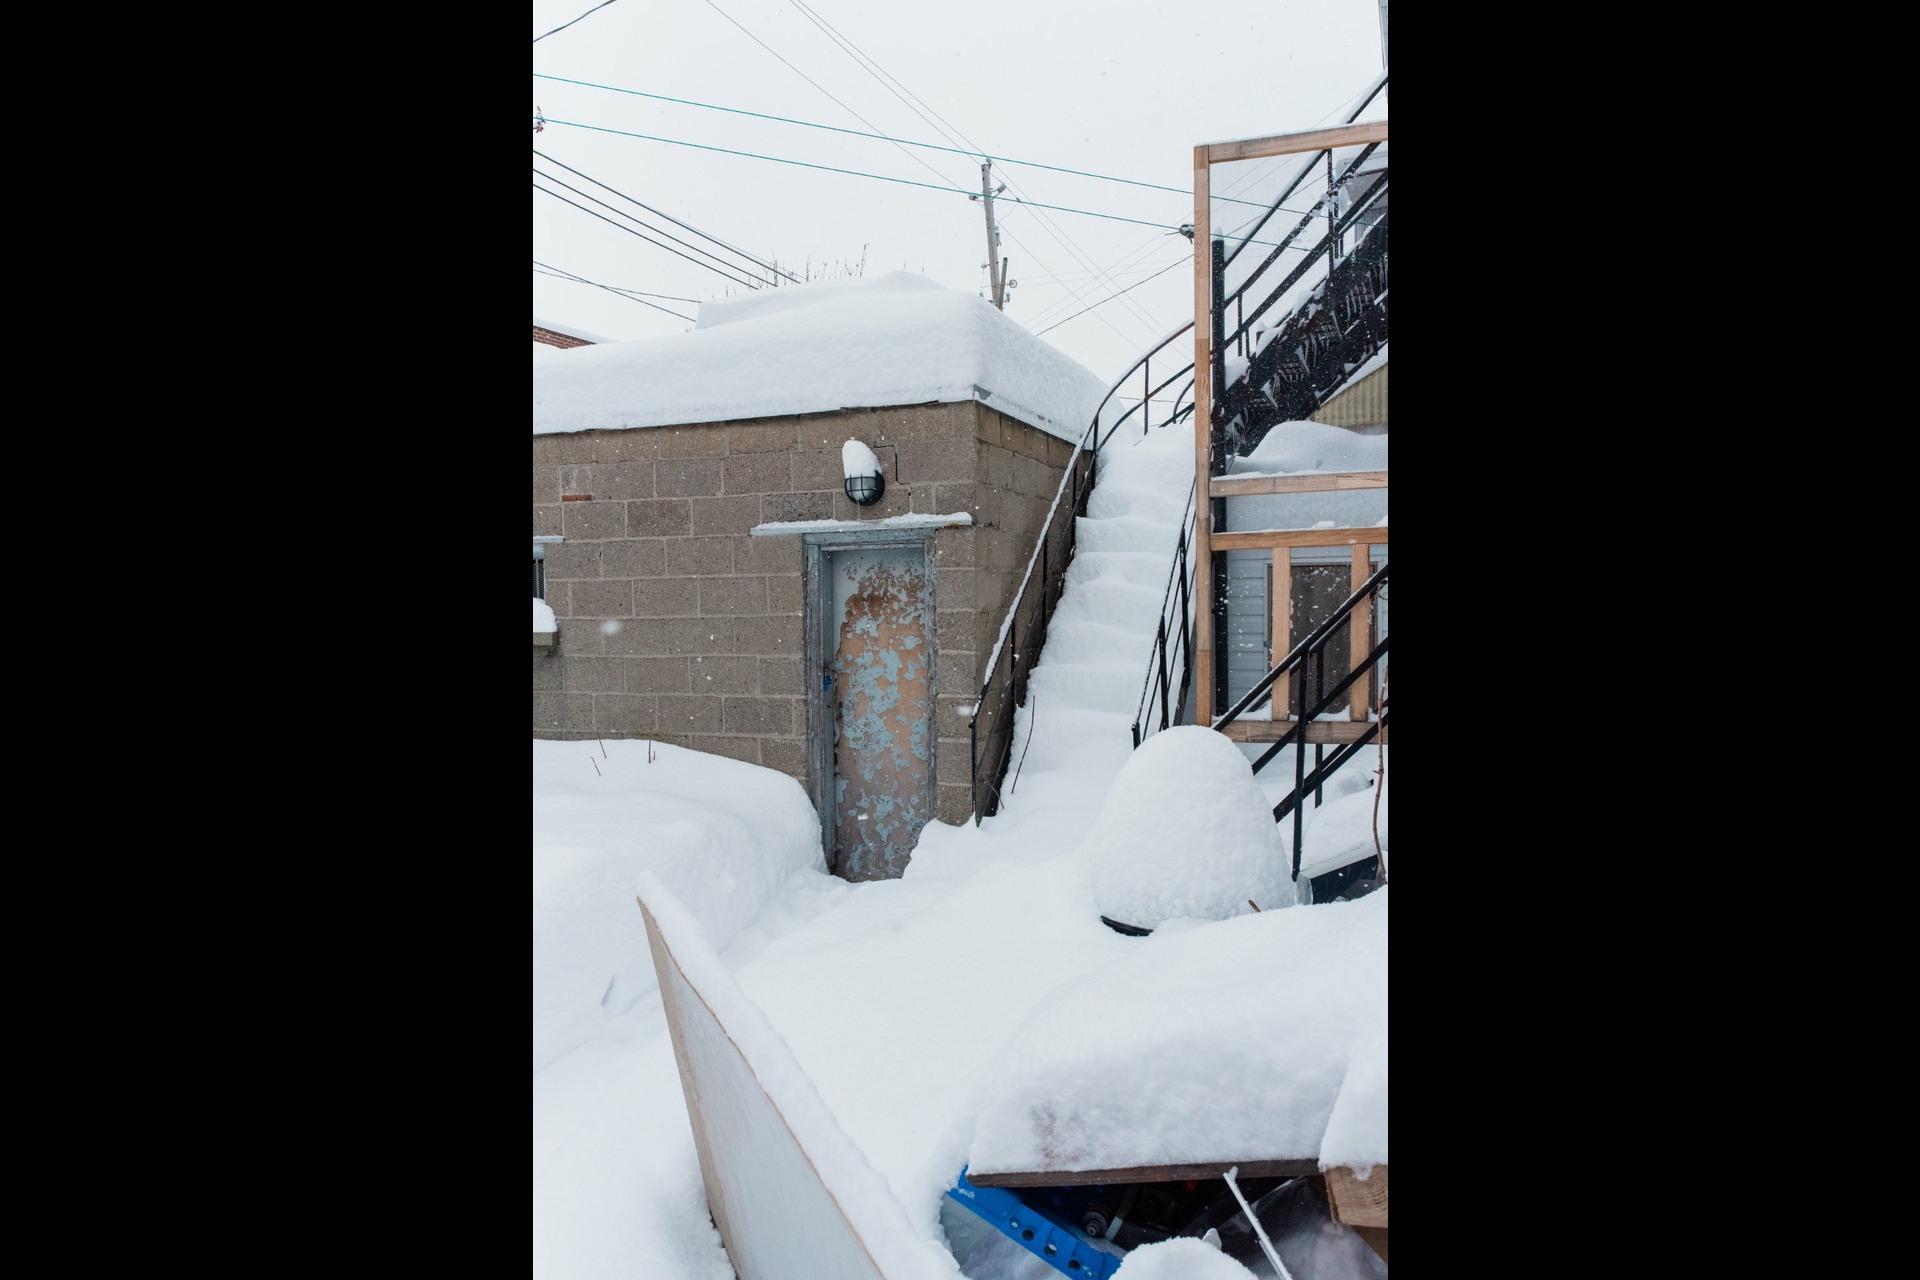 image 16 - Duplex À vendre Villeray/Saint-Michel/Parc-Extension Montréal  - 4 pièces